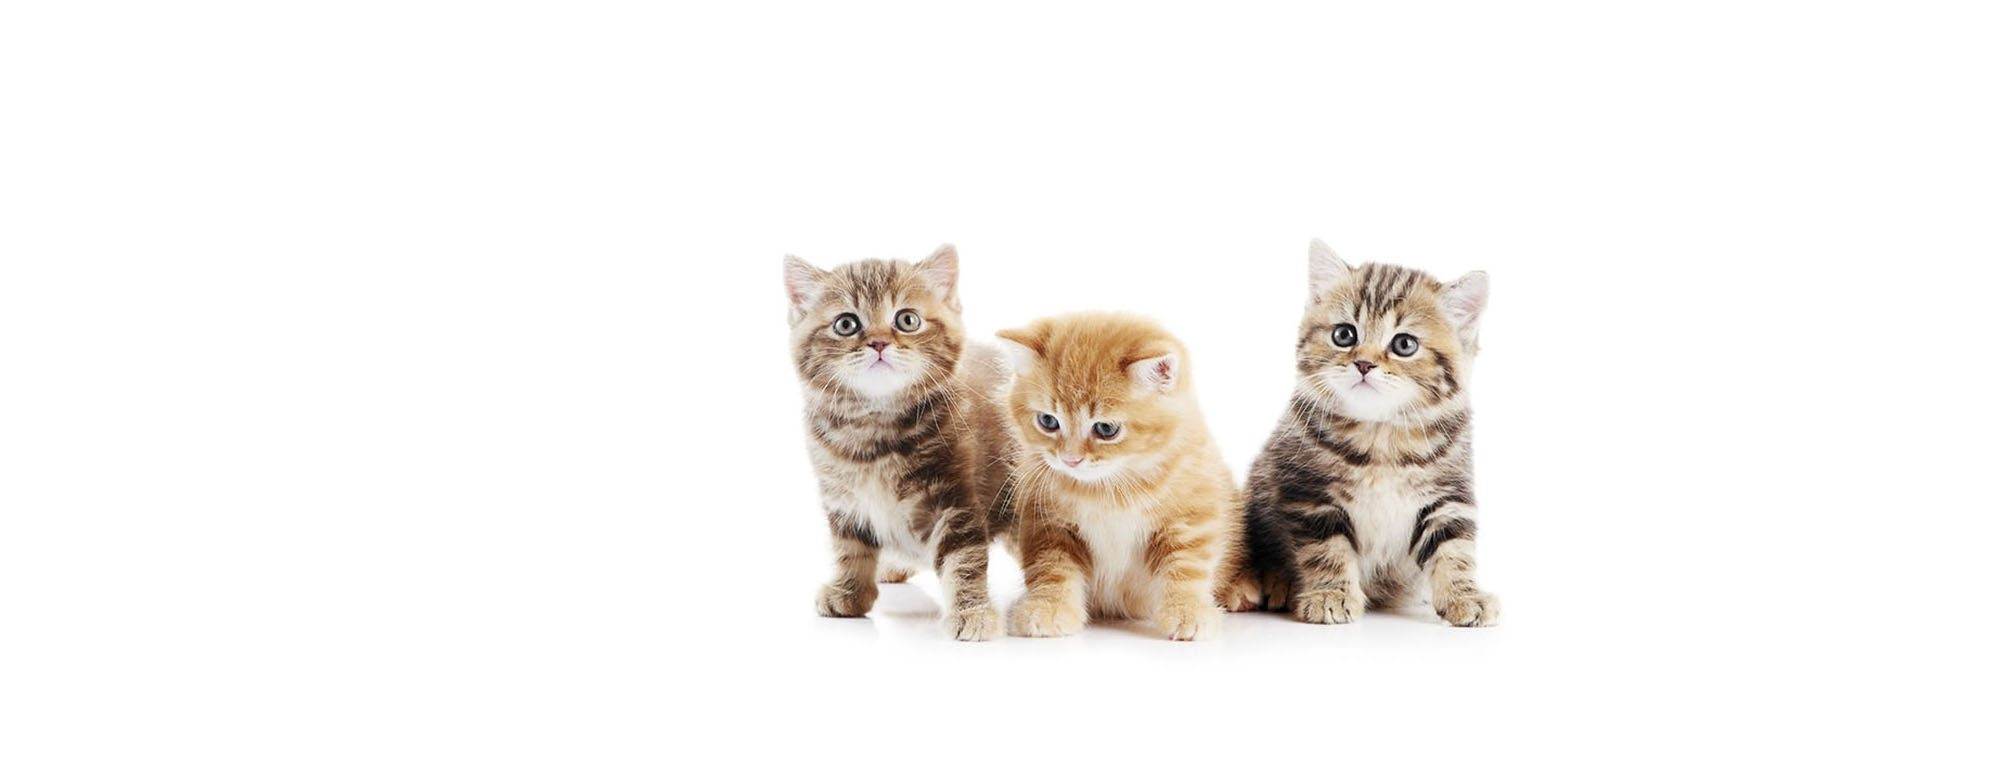 Shorthair kittens